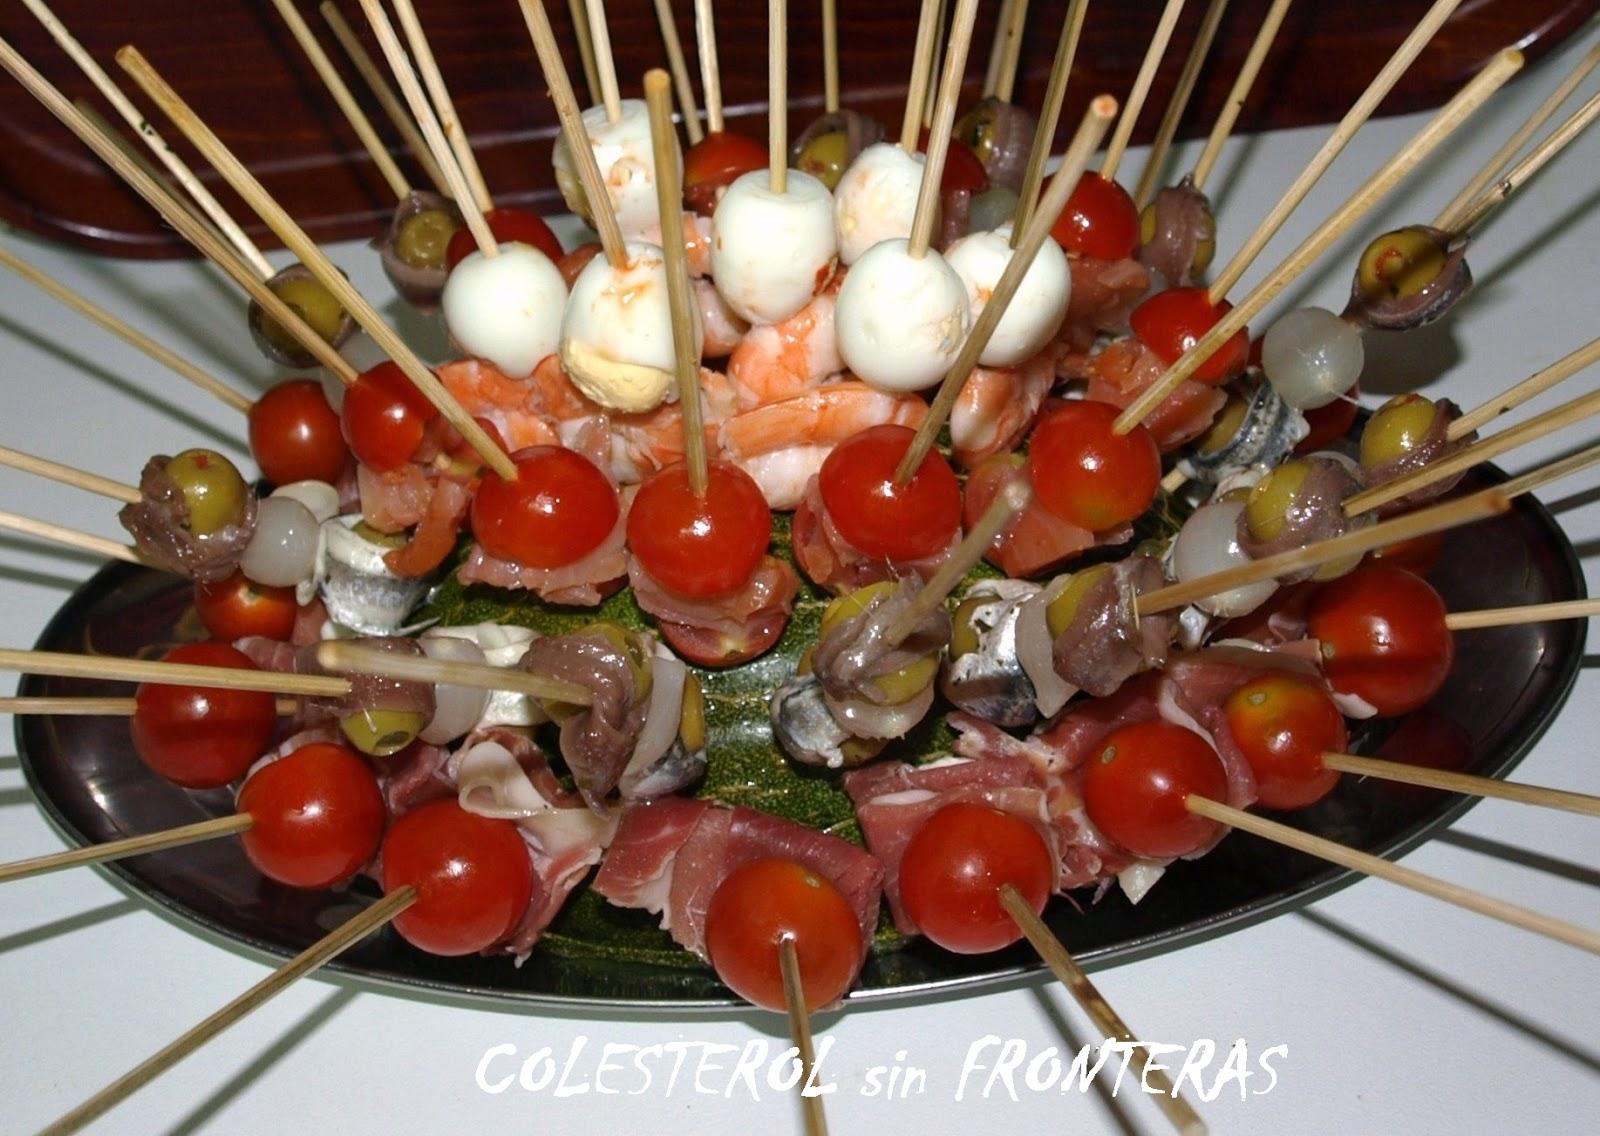 colesterol sin fronteras ideas para una cena fria